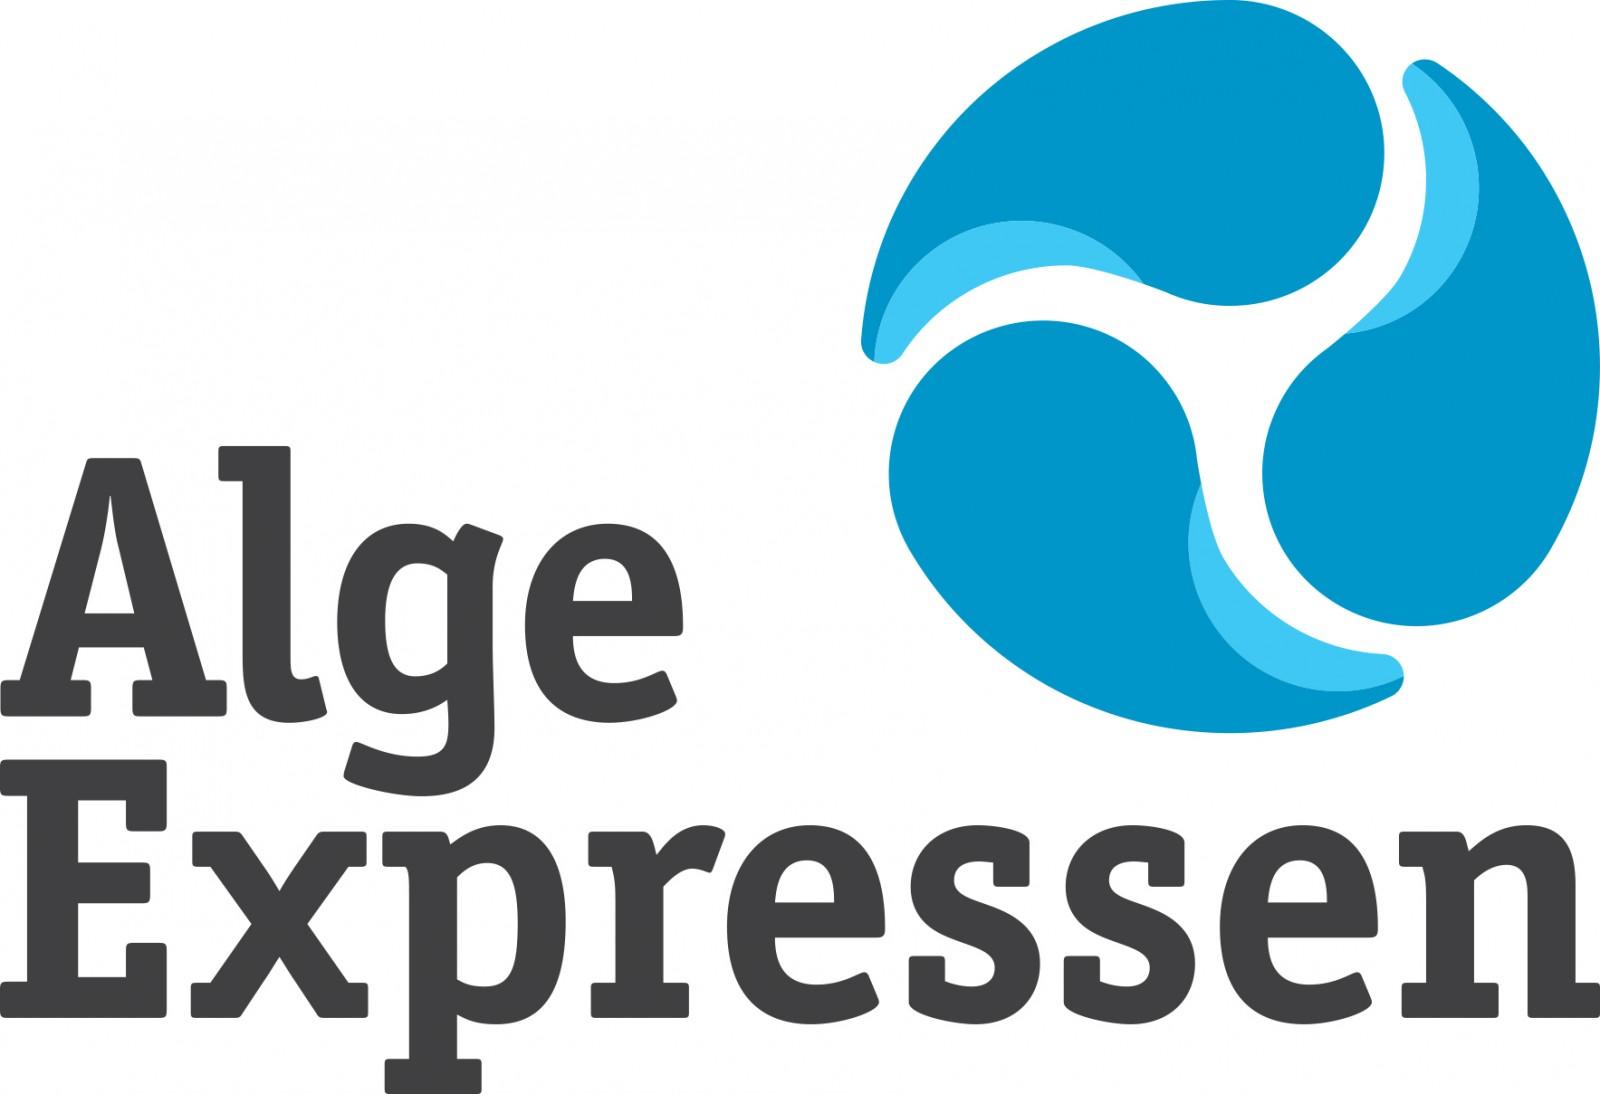 Alge Expressen